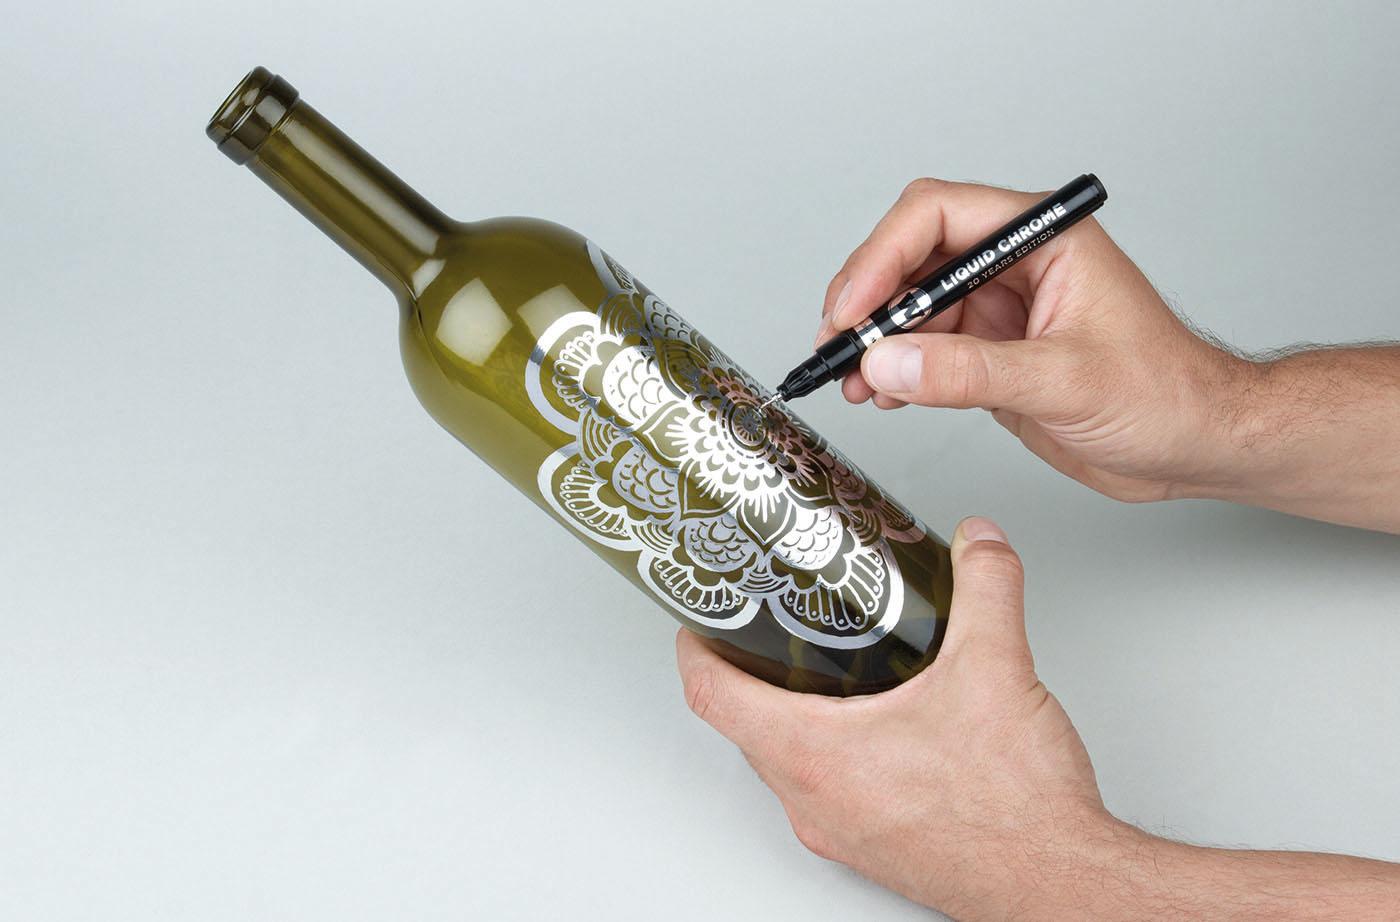 Molotow Liquid Chrome Pens